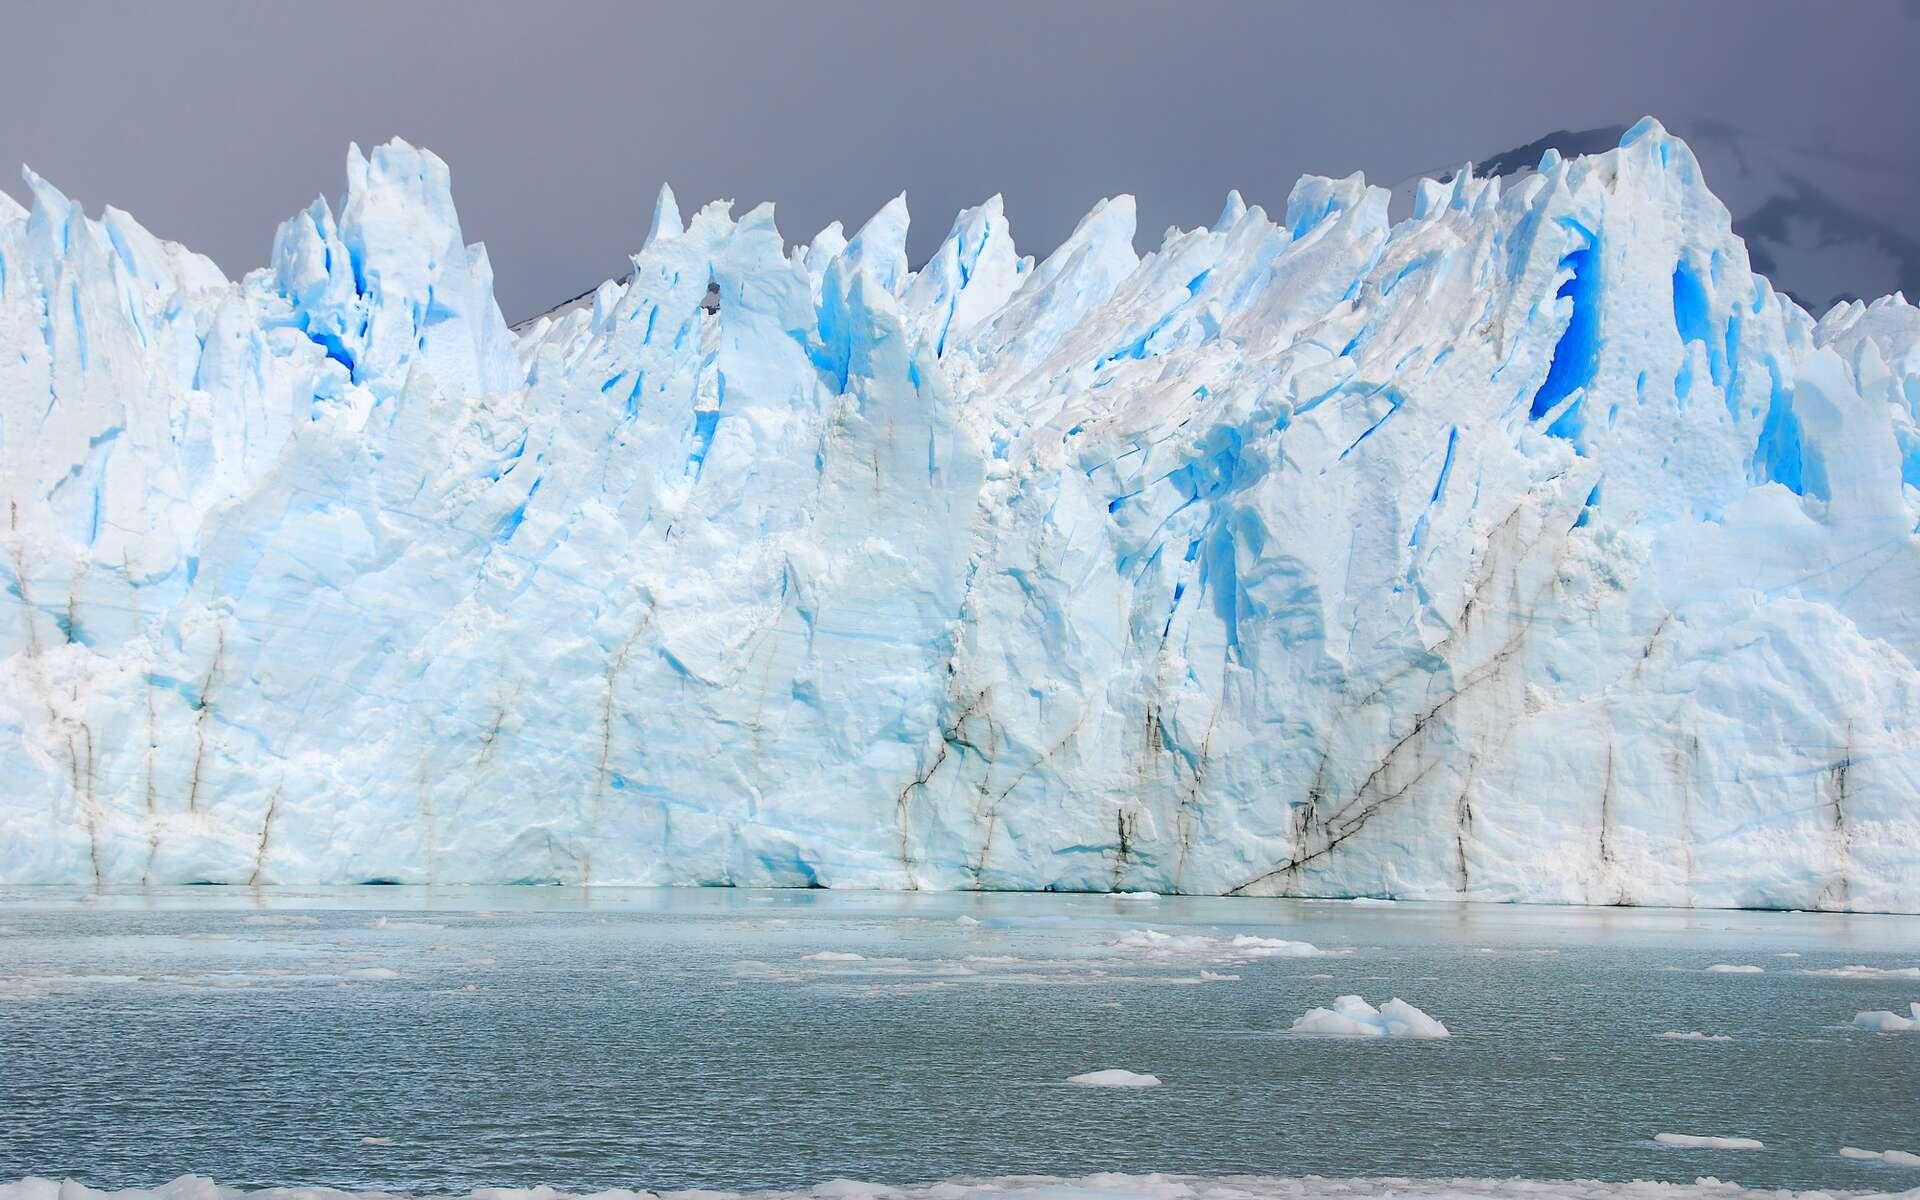 Des glaces en Antarctique. © shutterstock